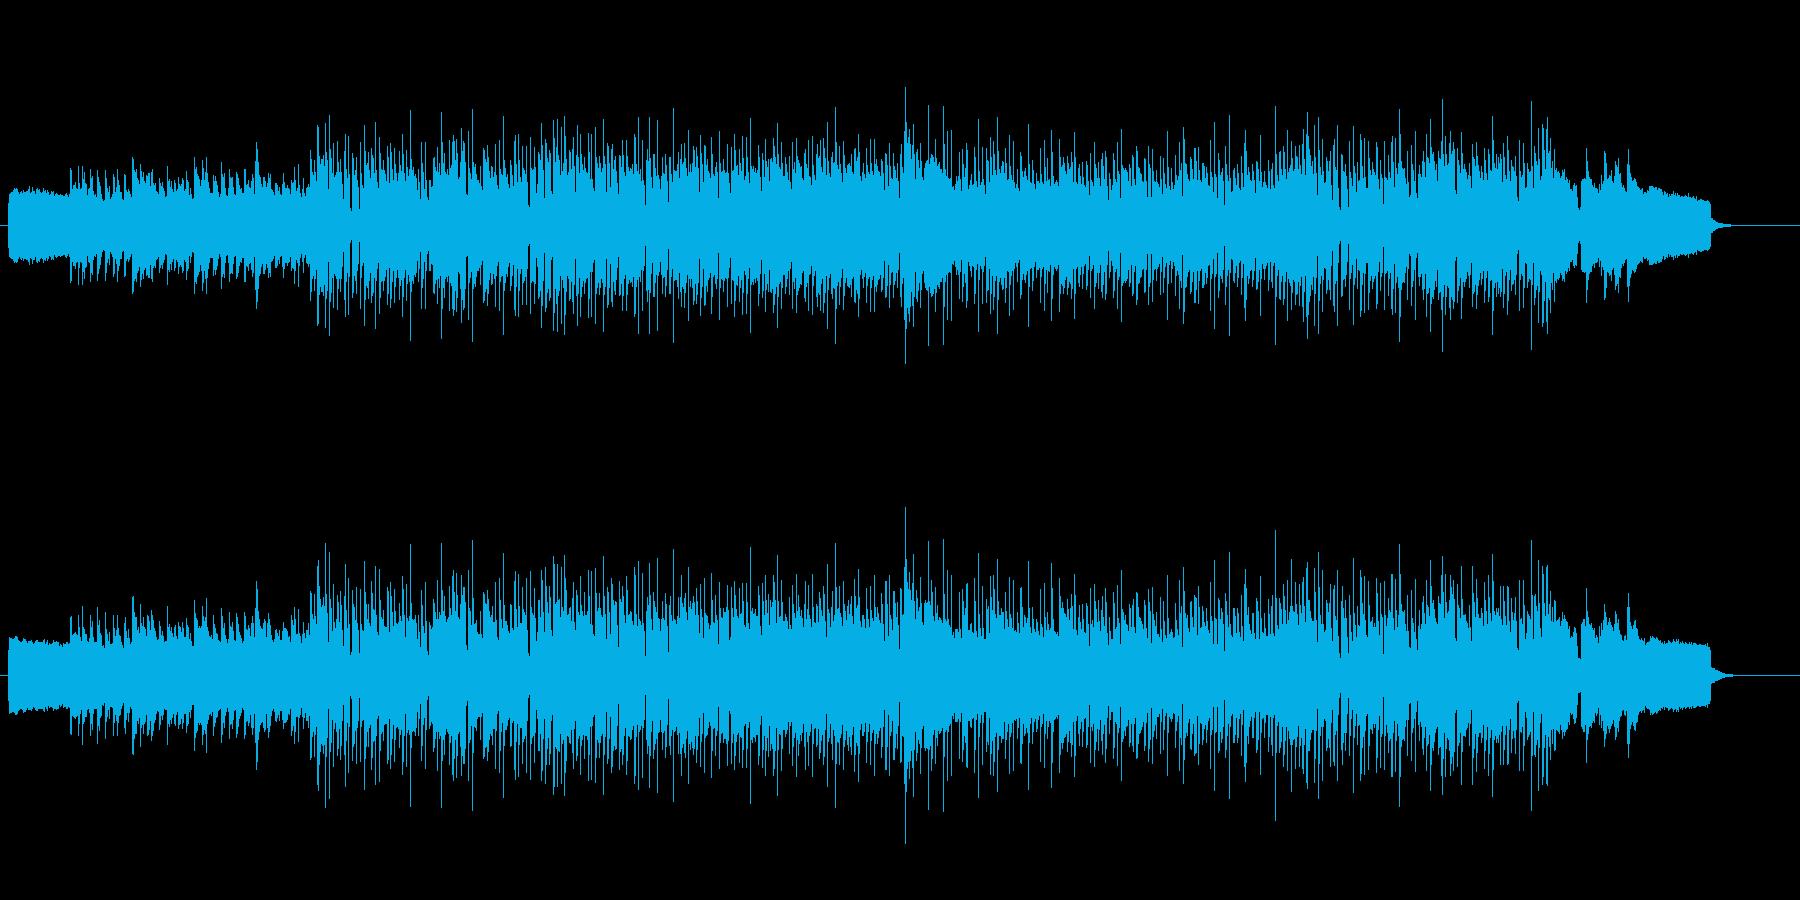 洗練されたアコースティック・ポップスの再生済みの波形